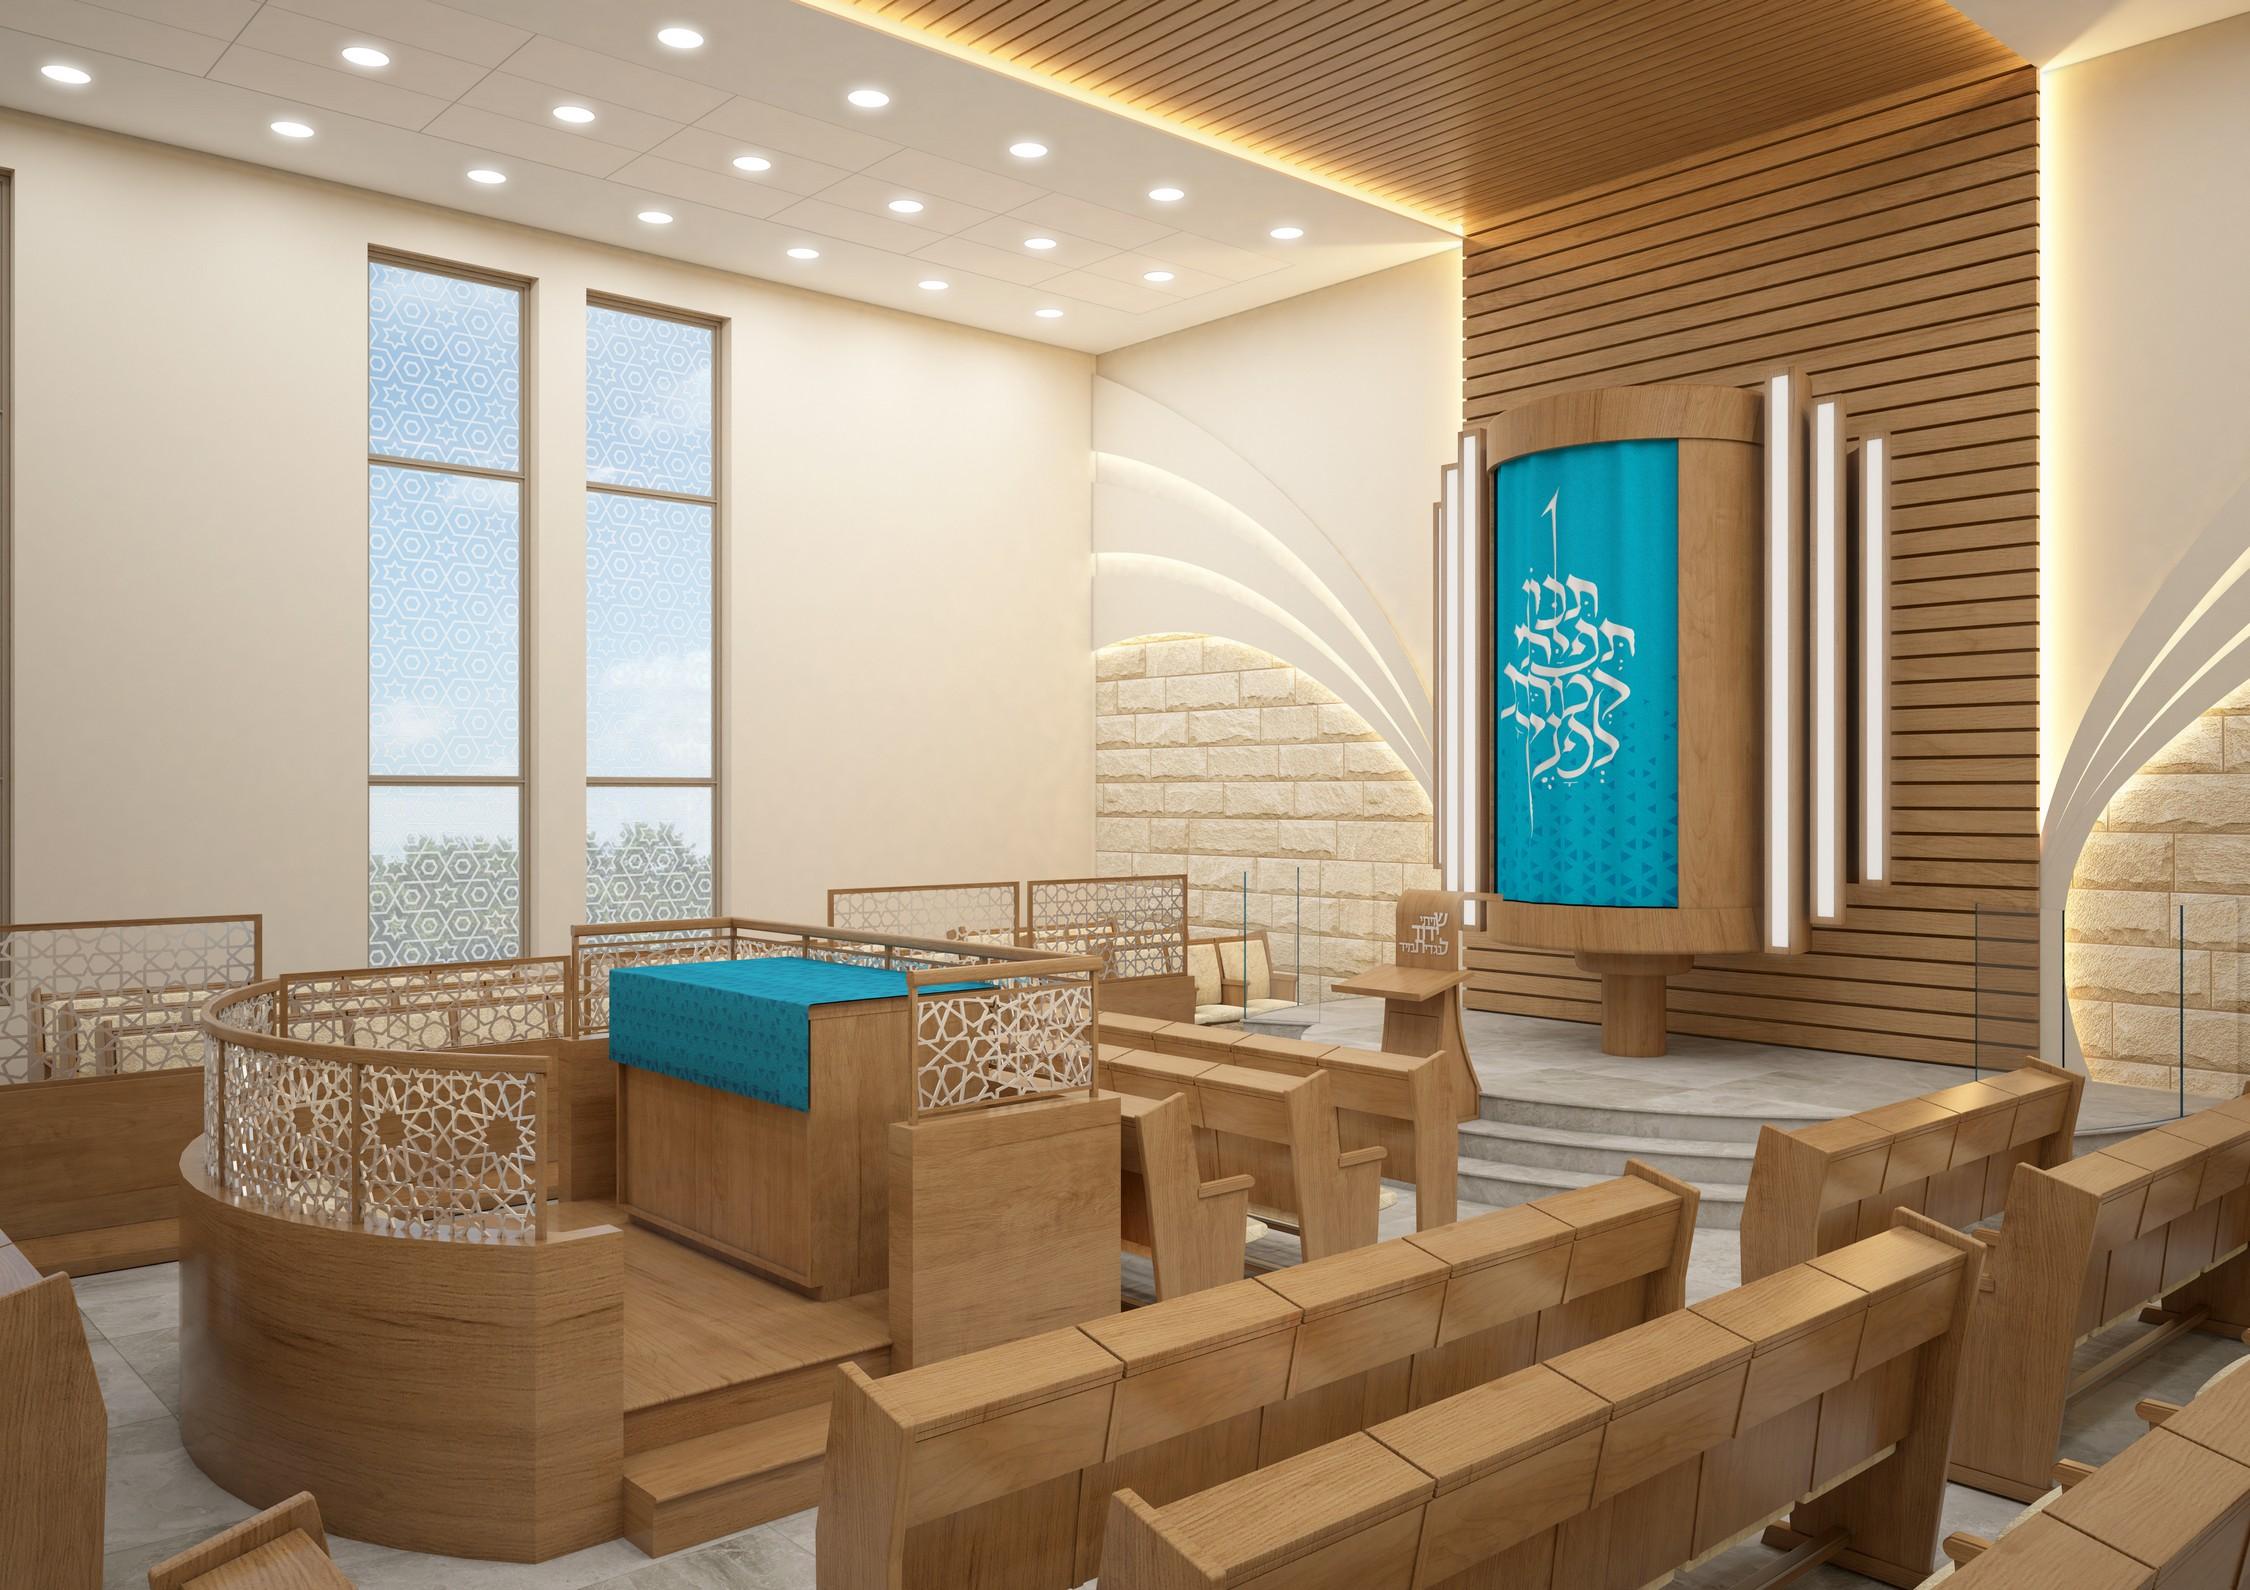 """בית הכנסת של קהילת """"יחד"""" הינה קהילה צעירה ותוססת, בשכונת פסגת אונו - מראה פנימי תקריב ארון קודש"""